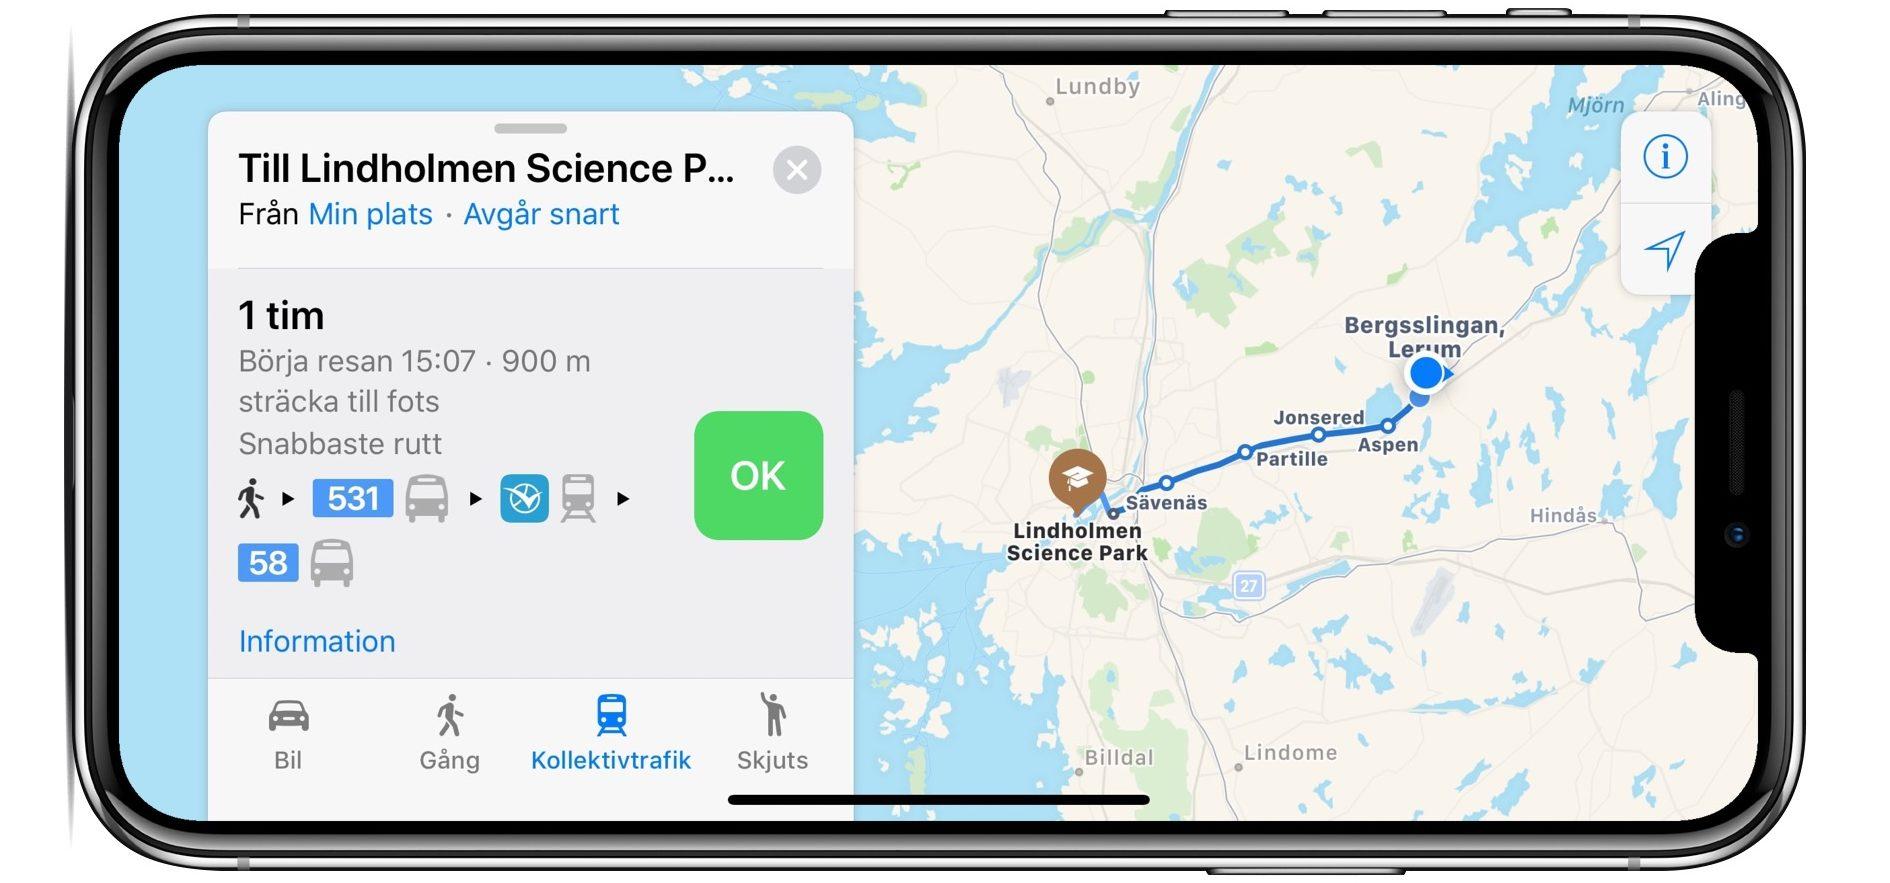 Transit di Apple Maps arriva in diverse nazioni europee